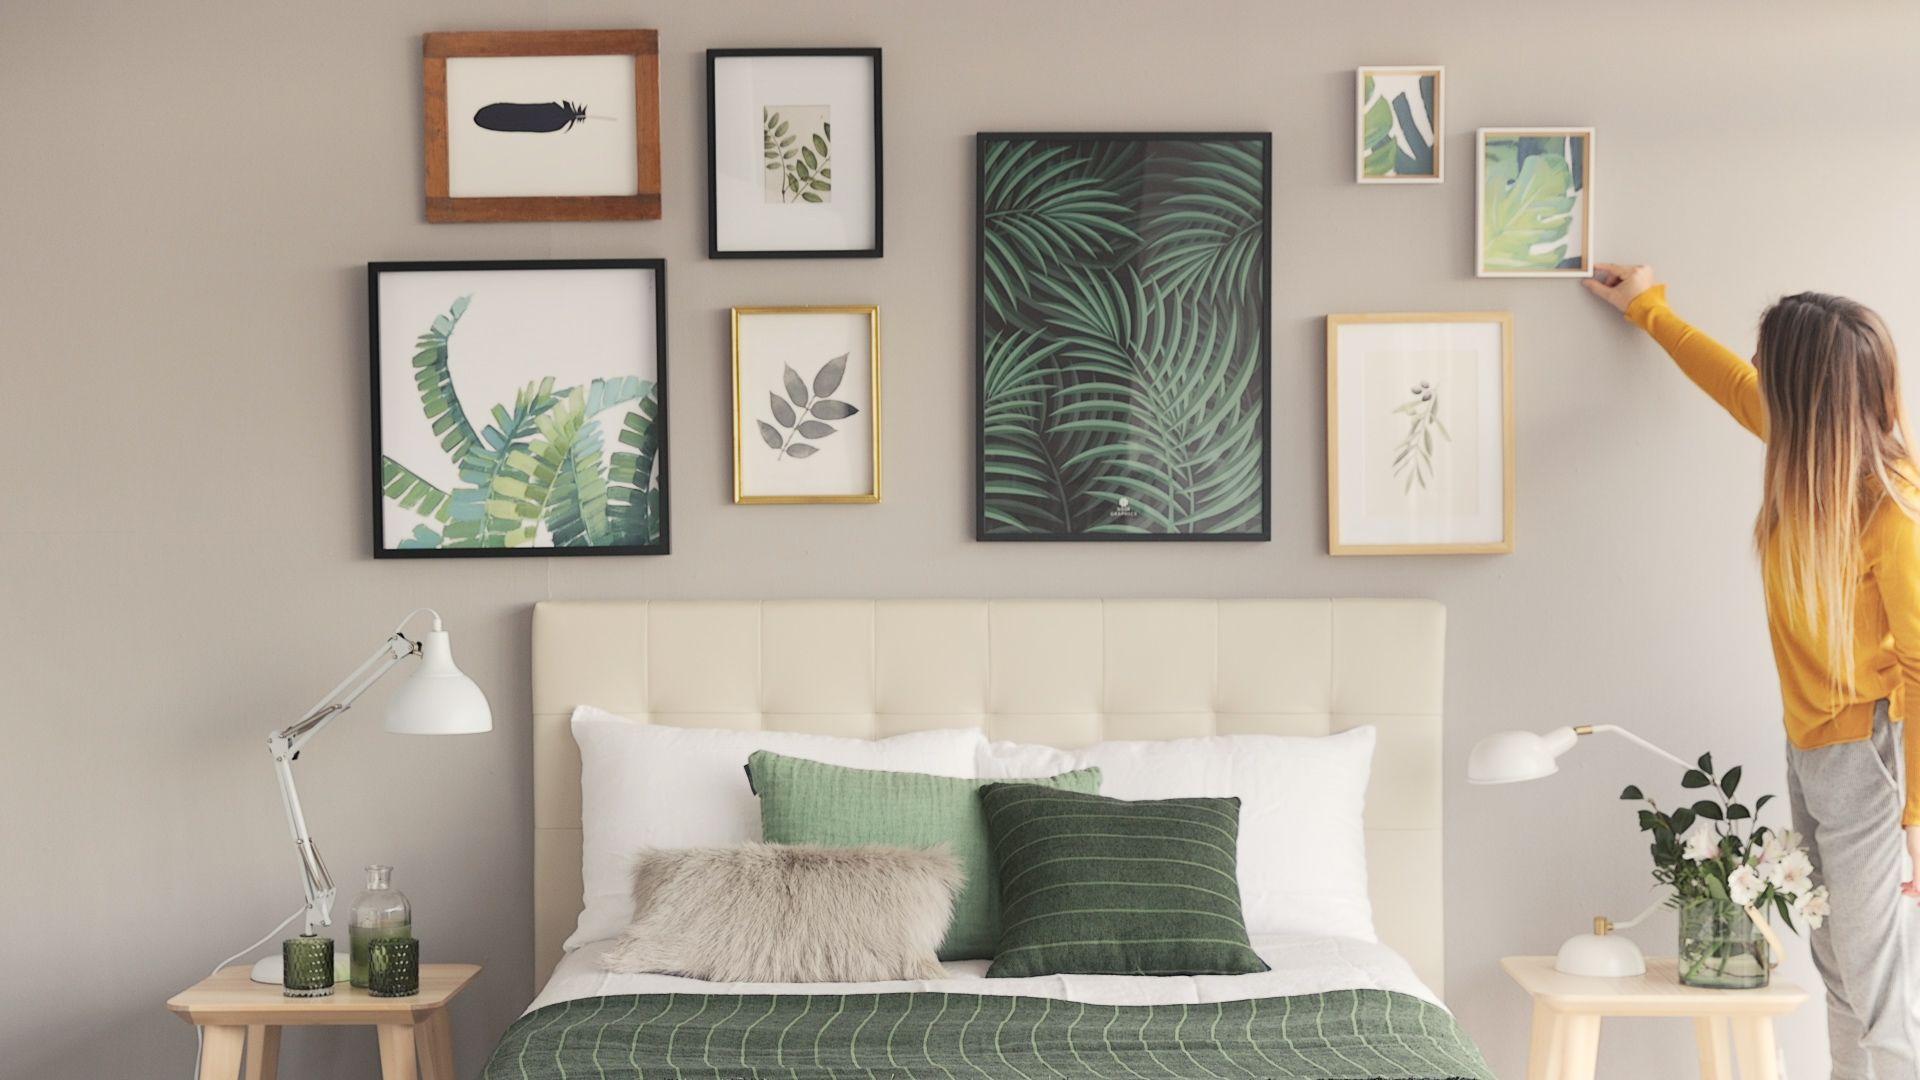 Chica colocando cuadros con dise±os de plantas y hojas en la pared